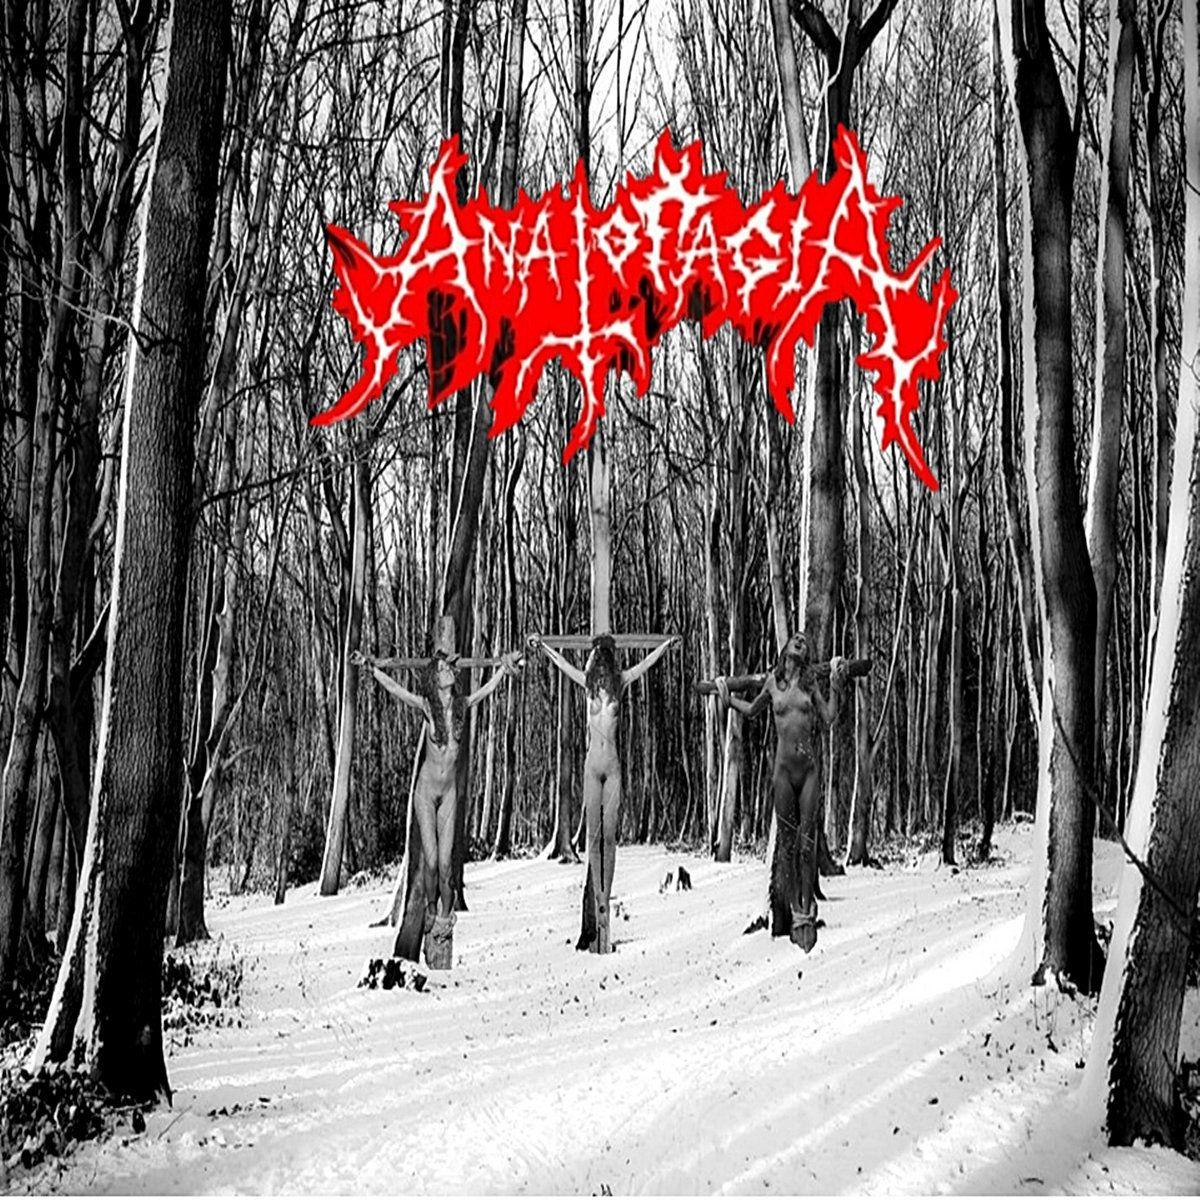 Reviews for Anatofagia - Crudo